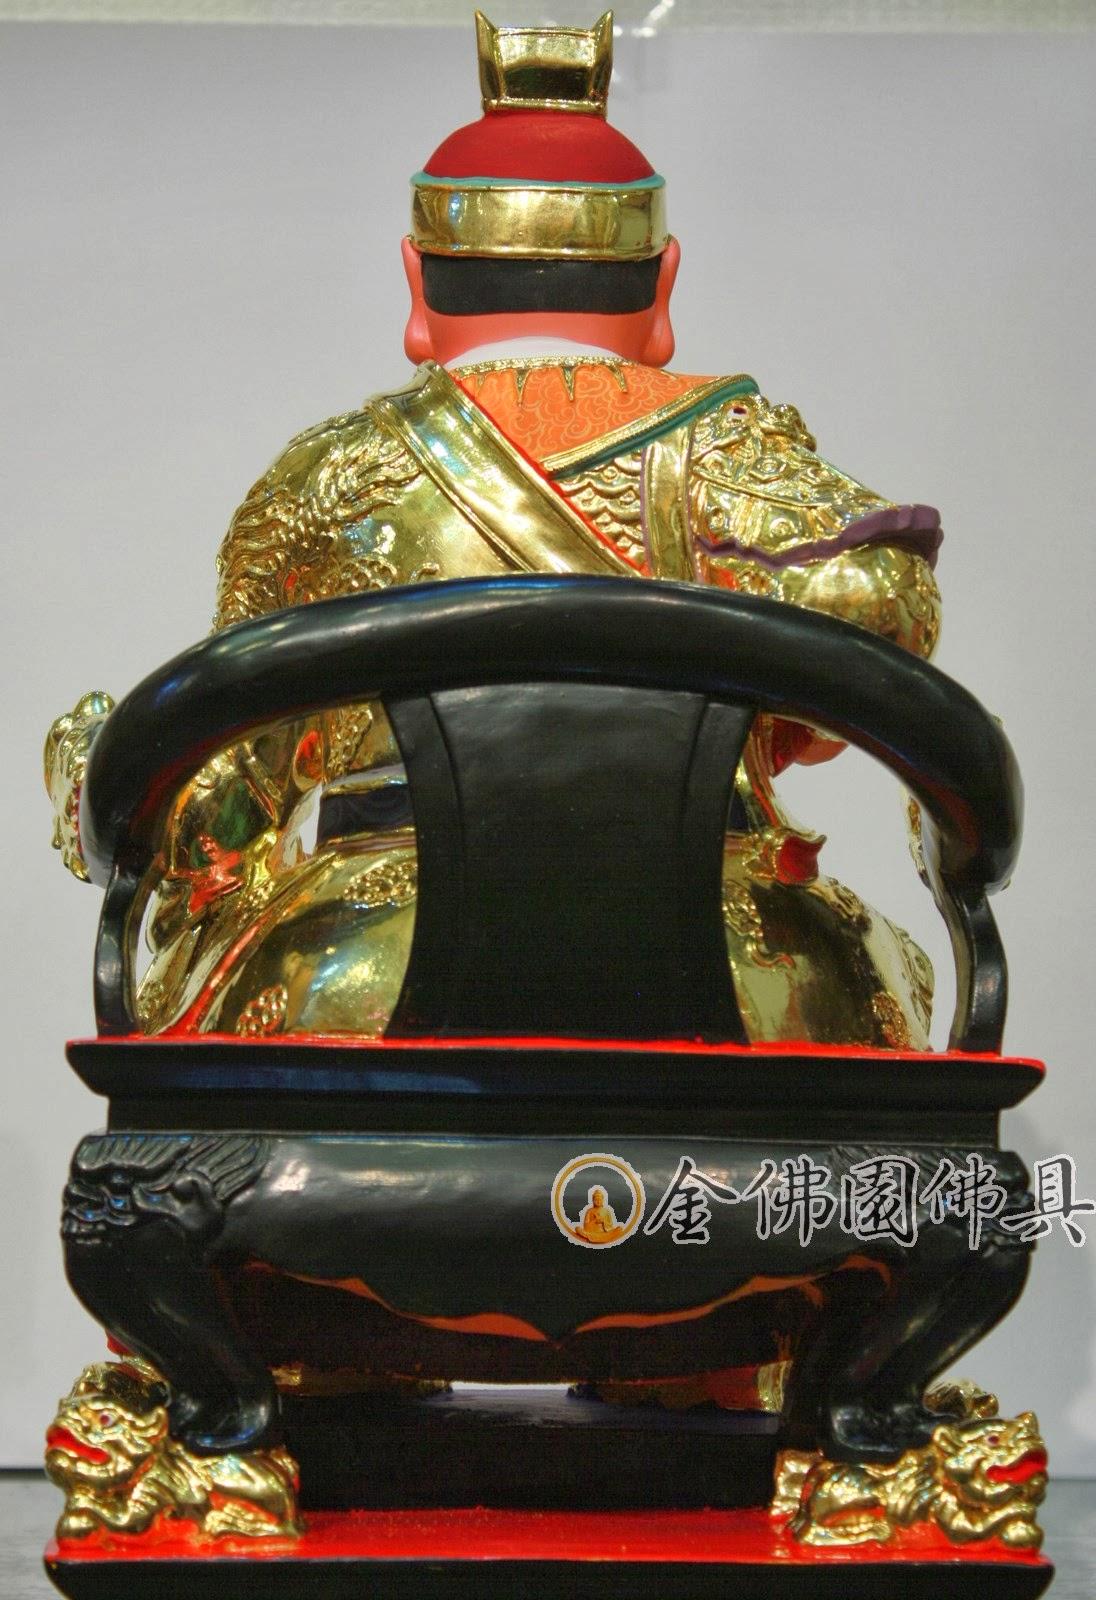 金佛園佛具: QH32五府千歲吳府王爺神像-樟木雕1尺6